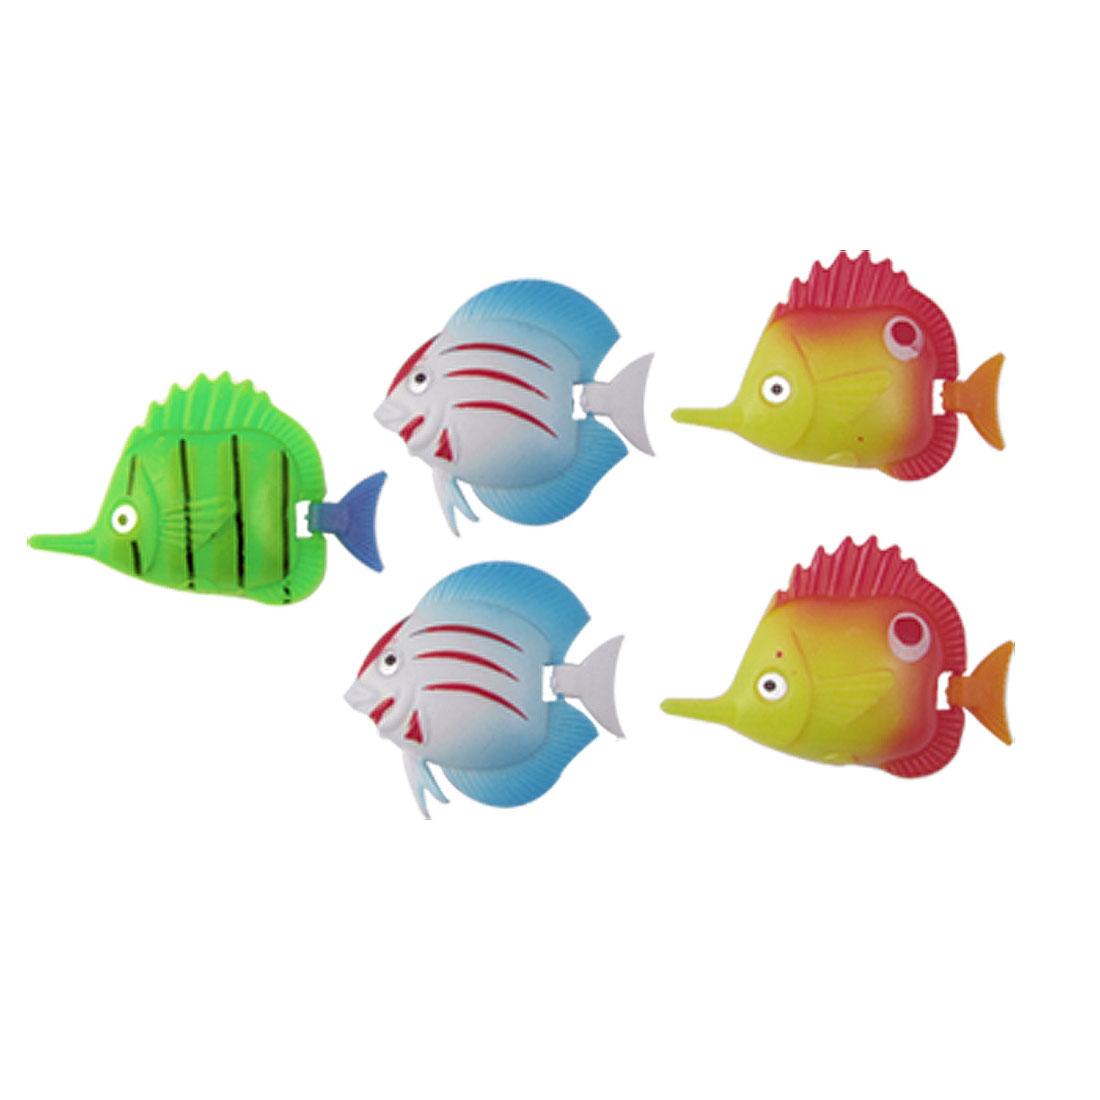 Aquarium Multi-colored Plastic Swimming Fish Ornament 5 Pcs